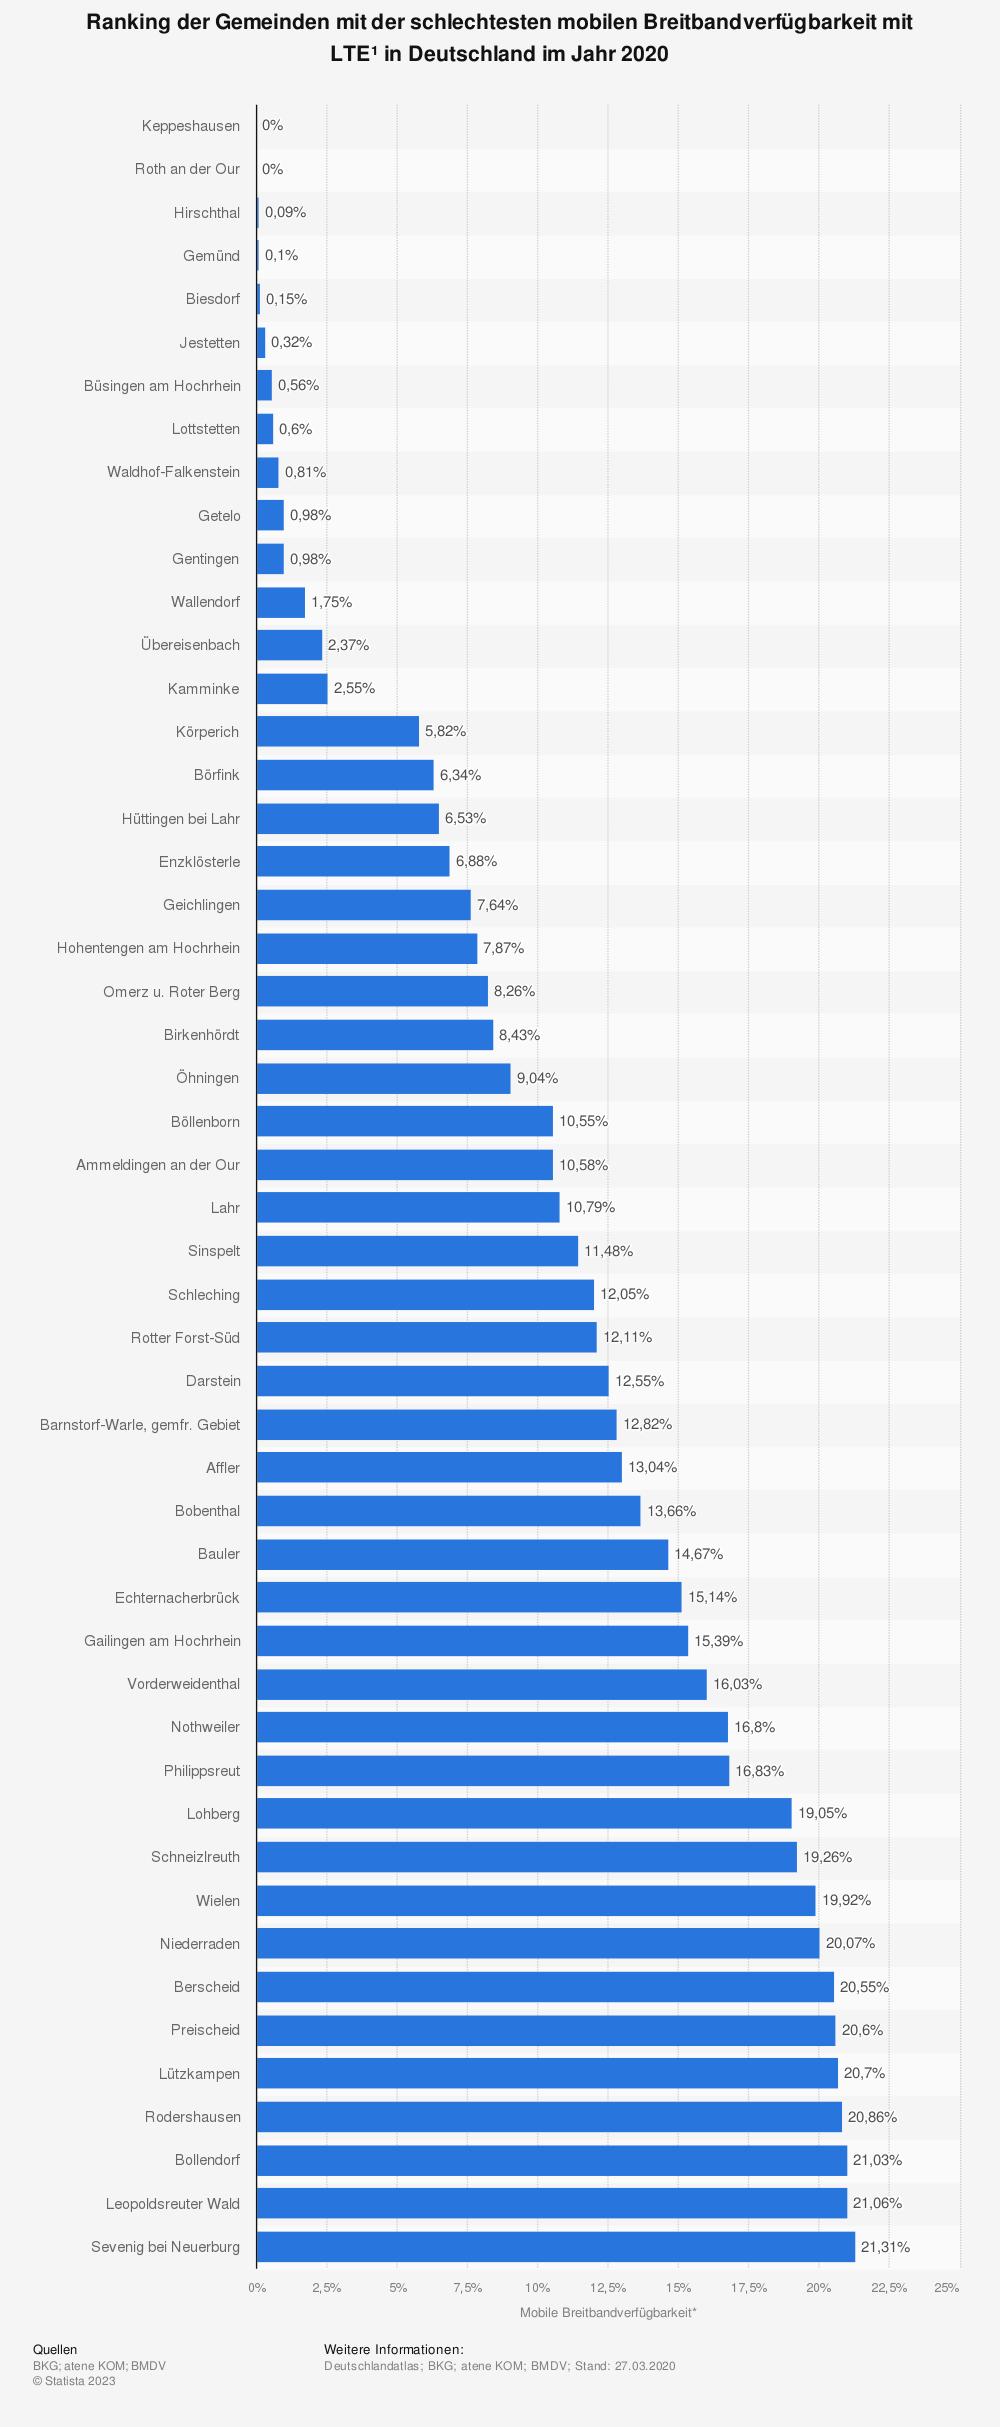 Statistik: Ranking der Gemeinden mit der schlechtesten mobilen Breitbandverfügbarkeit mit LTE* in Deutschland im Jahr 2020 | Statista